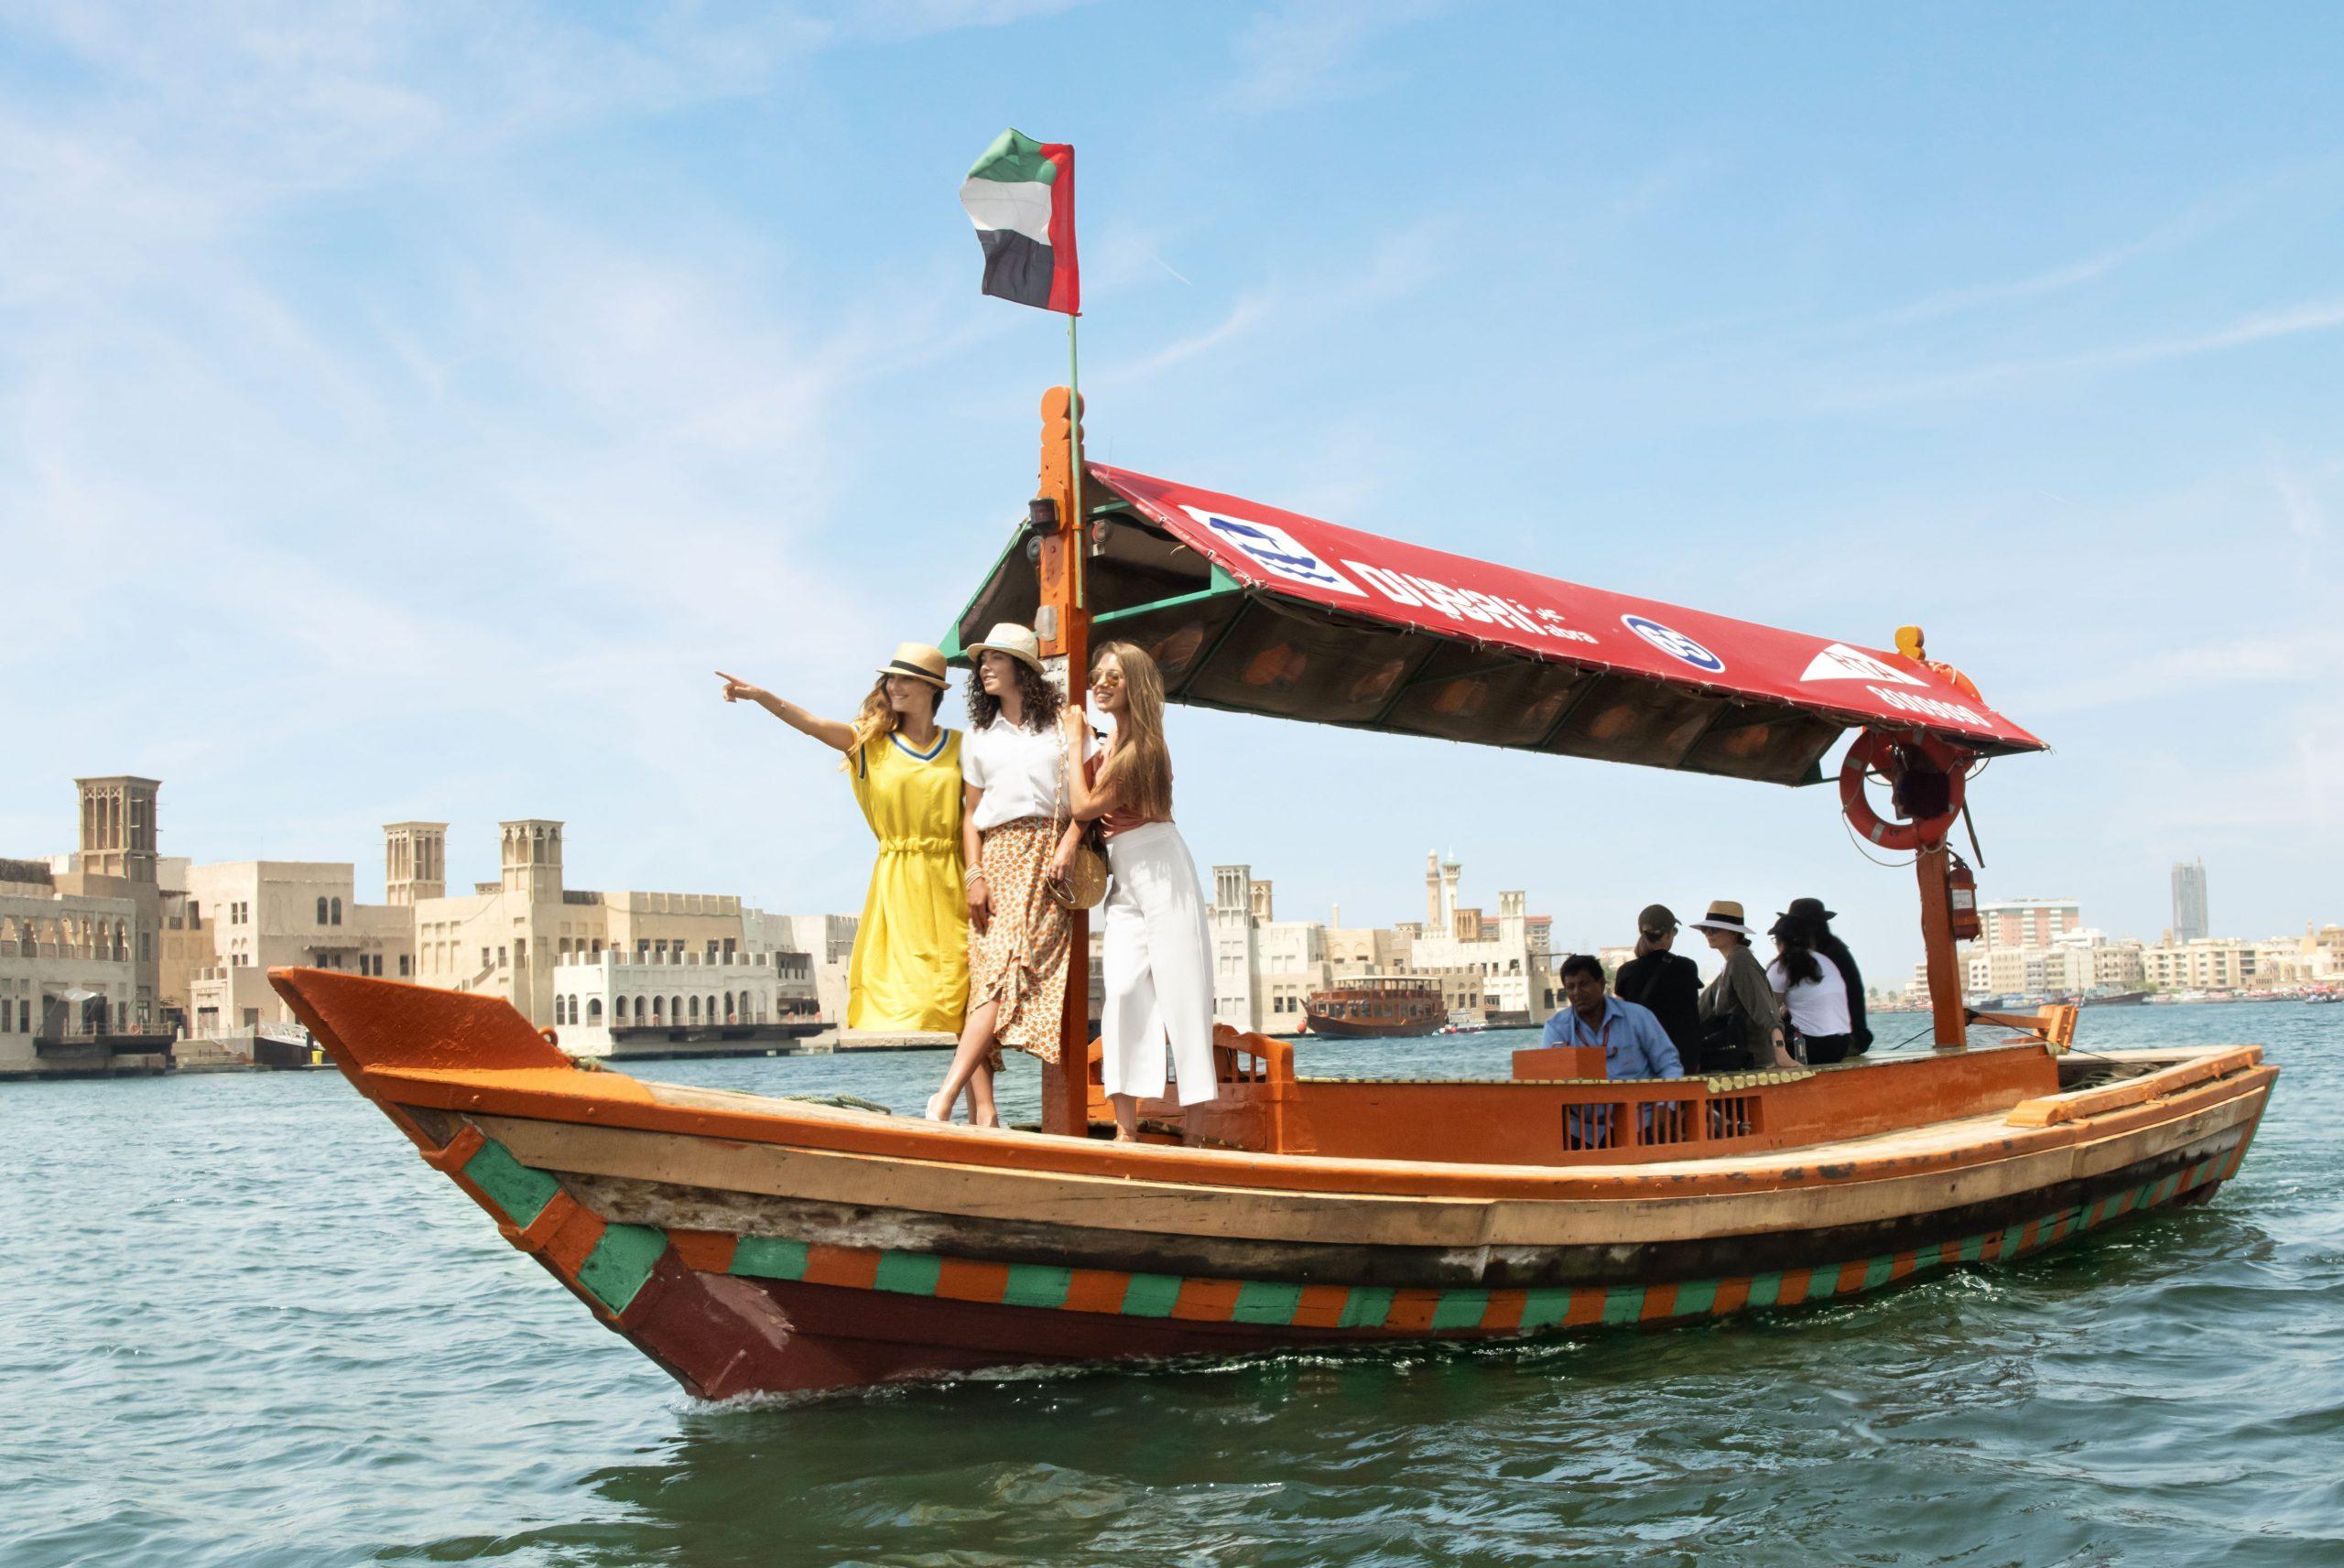 For at gøre endnu flere danskere opmærksomme på de mange oplevelser i Dubai, har TUI i samarbejde med Dubai Tourism lanceret ny nordisk kampagne for at tiltrække flere danske turister. Pressefoto via Dubai Tourism.